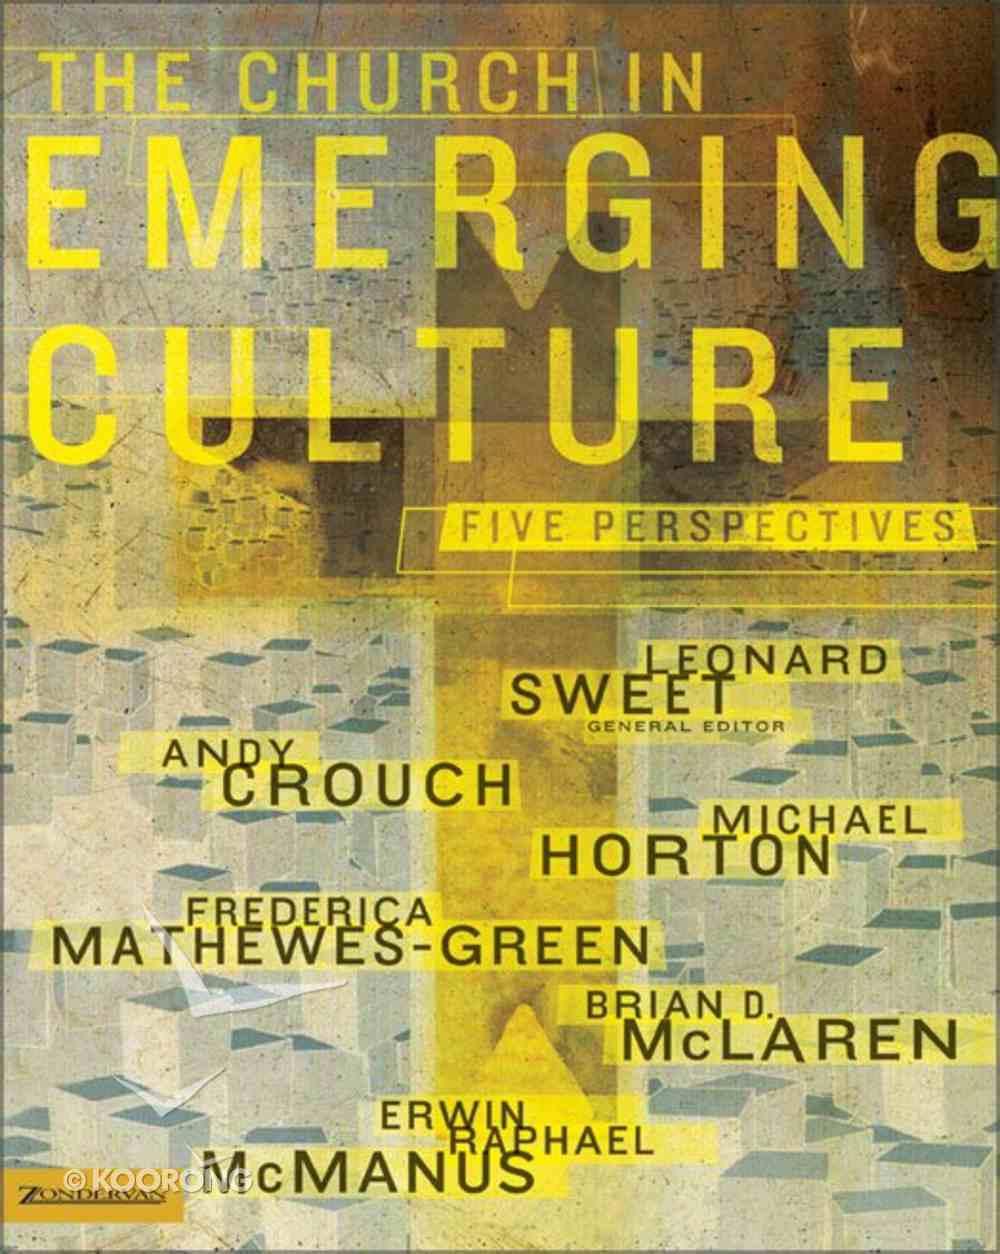 Church in Emerging Culture eBook